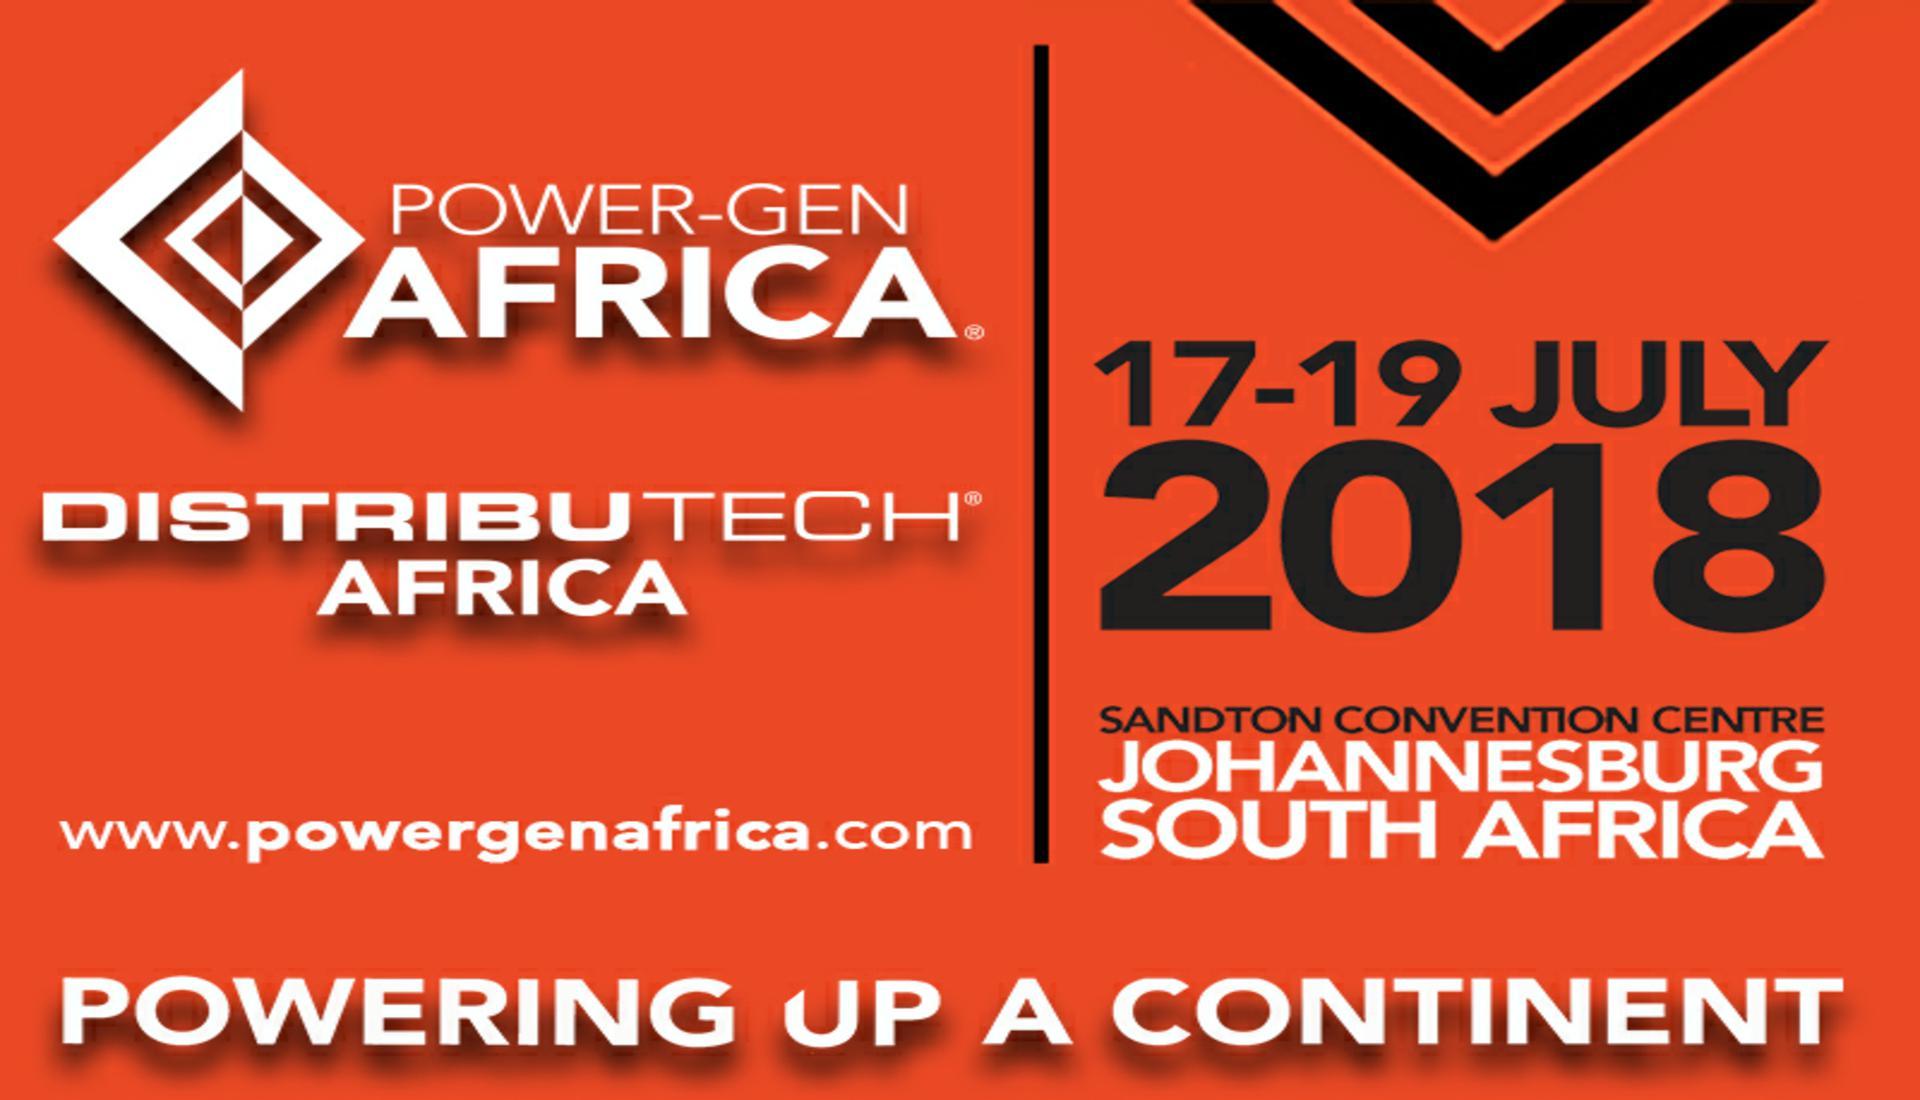 Powergen-africa-2018-logo-800x600.jpg